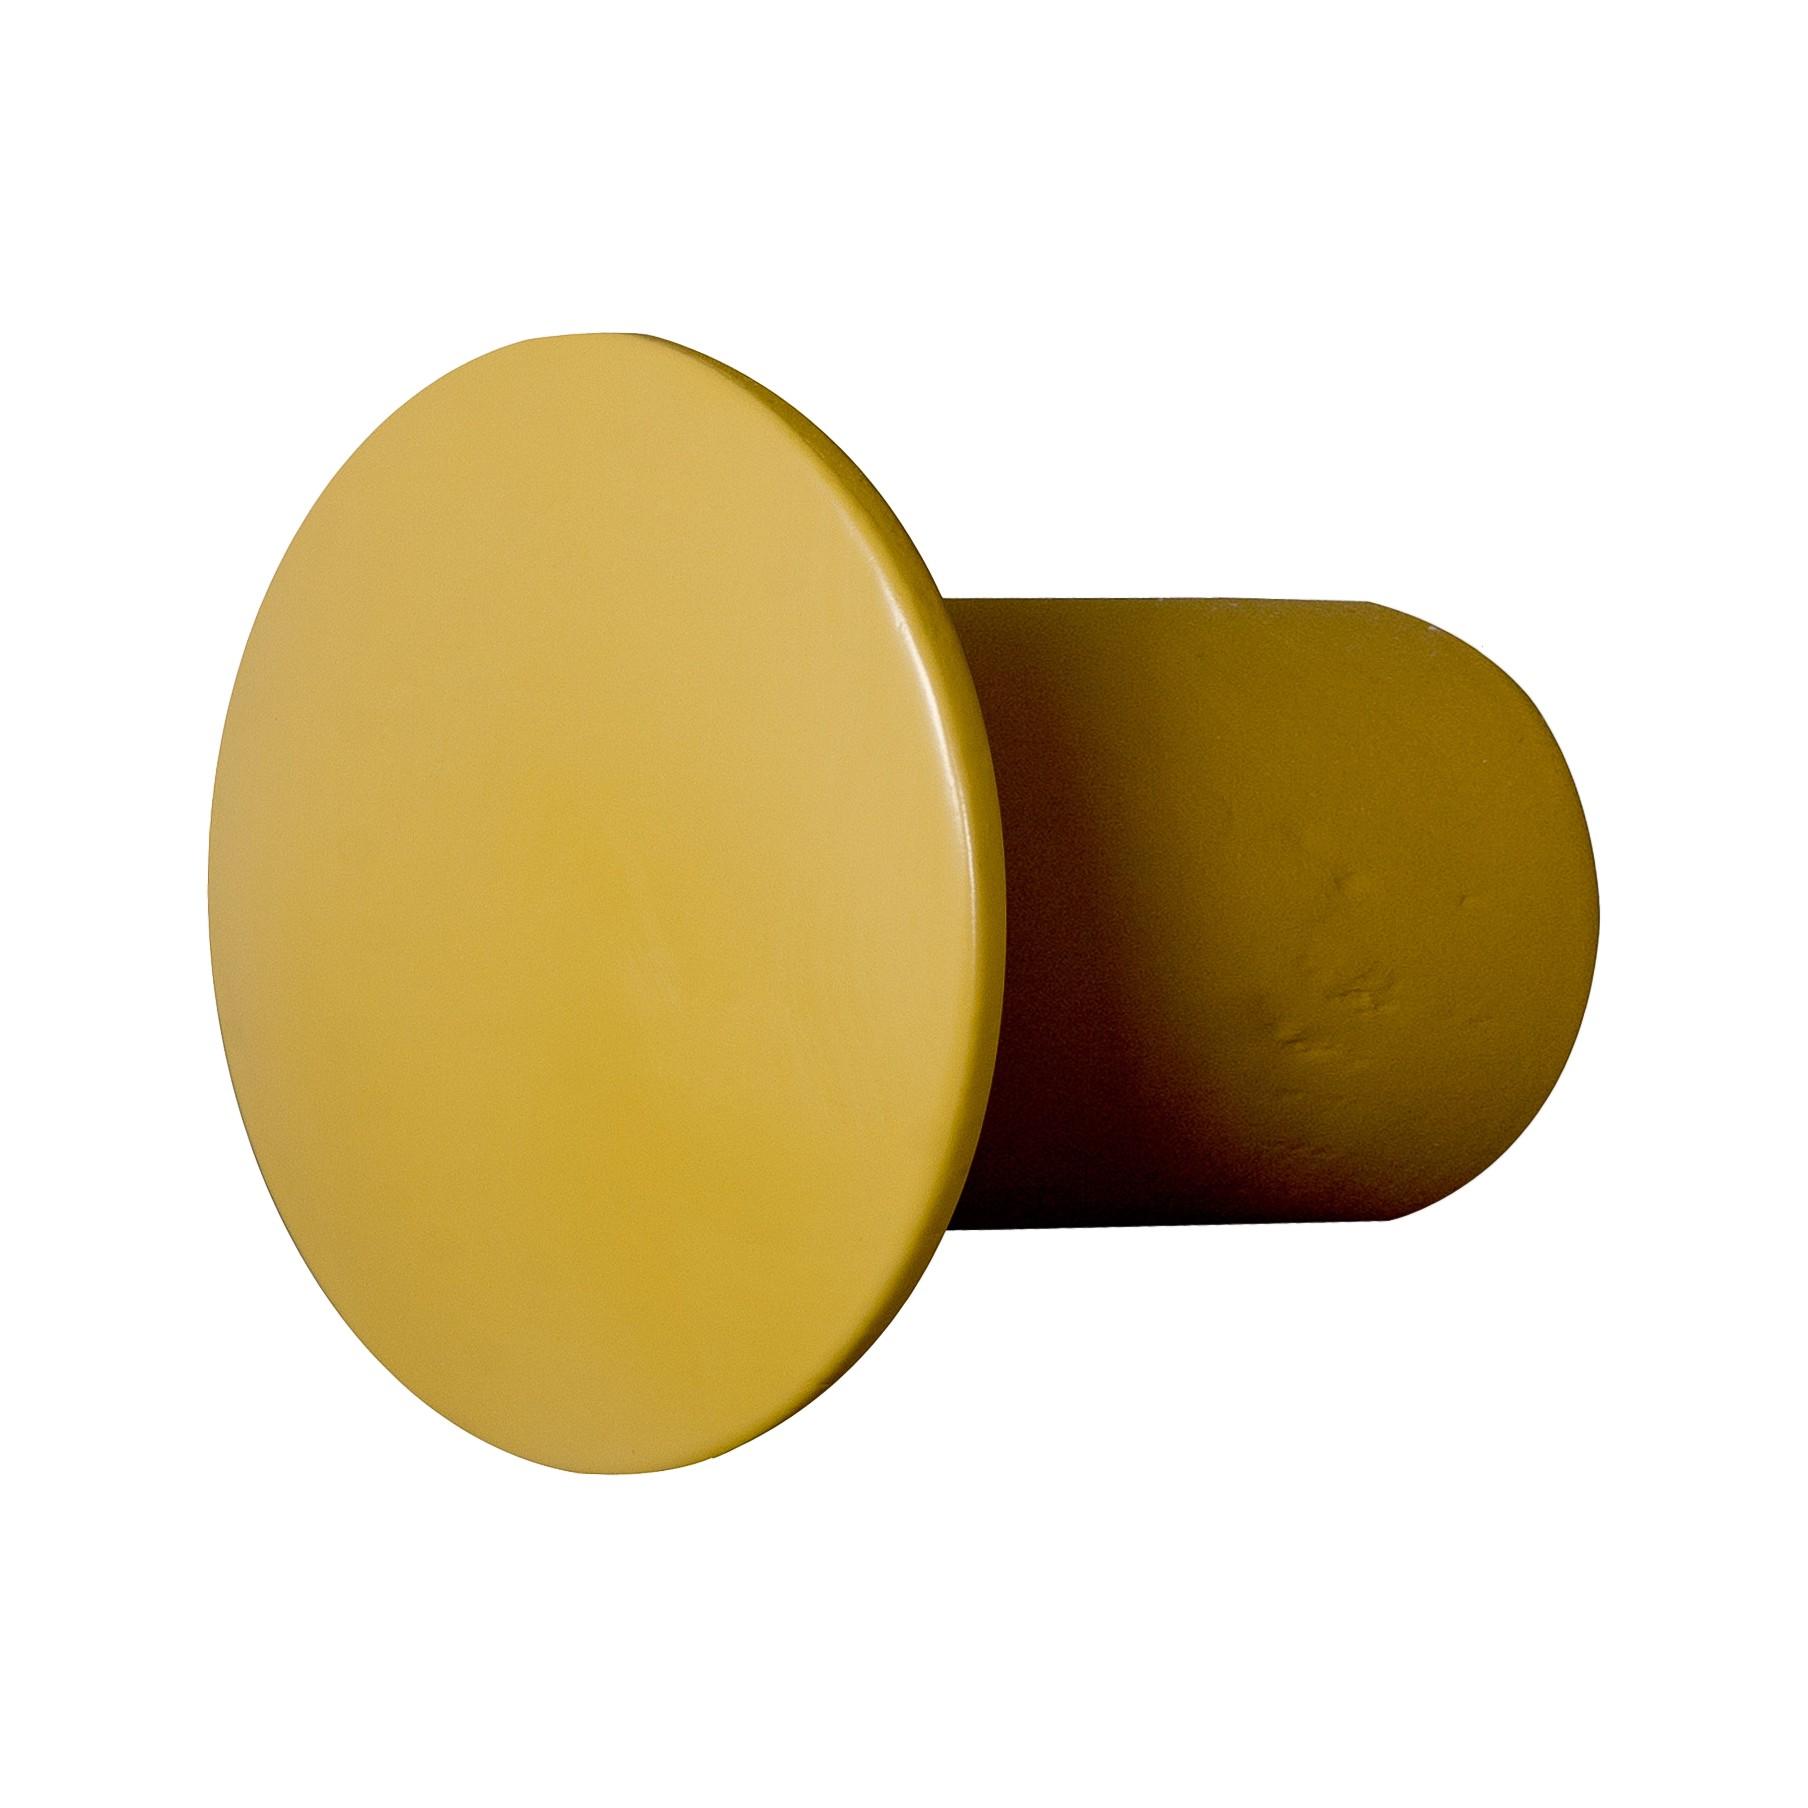 Wandhaken Button (2-delige set) - massief berkenhout - 6 - Geel, Morteens